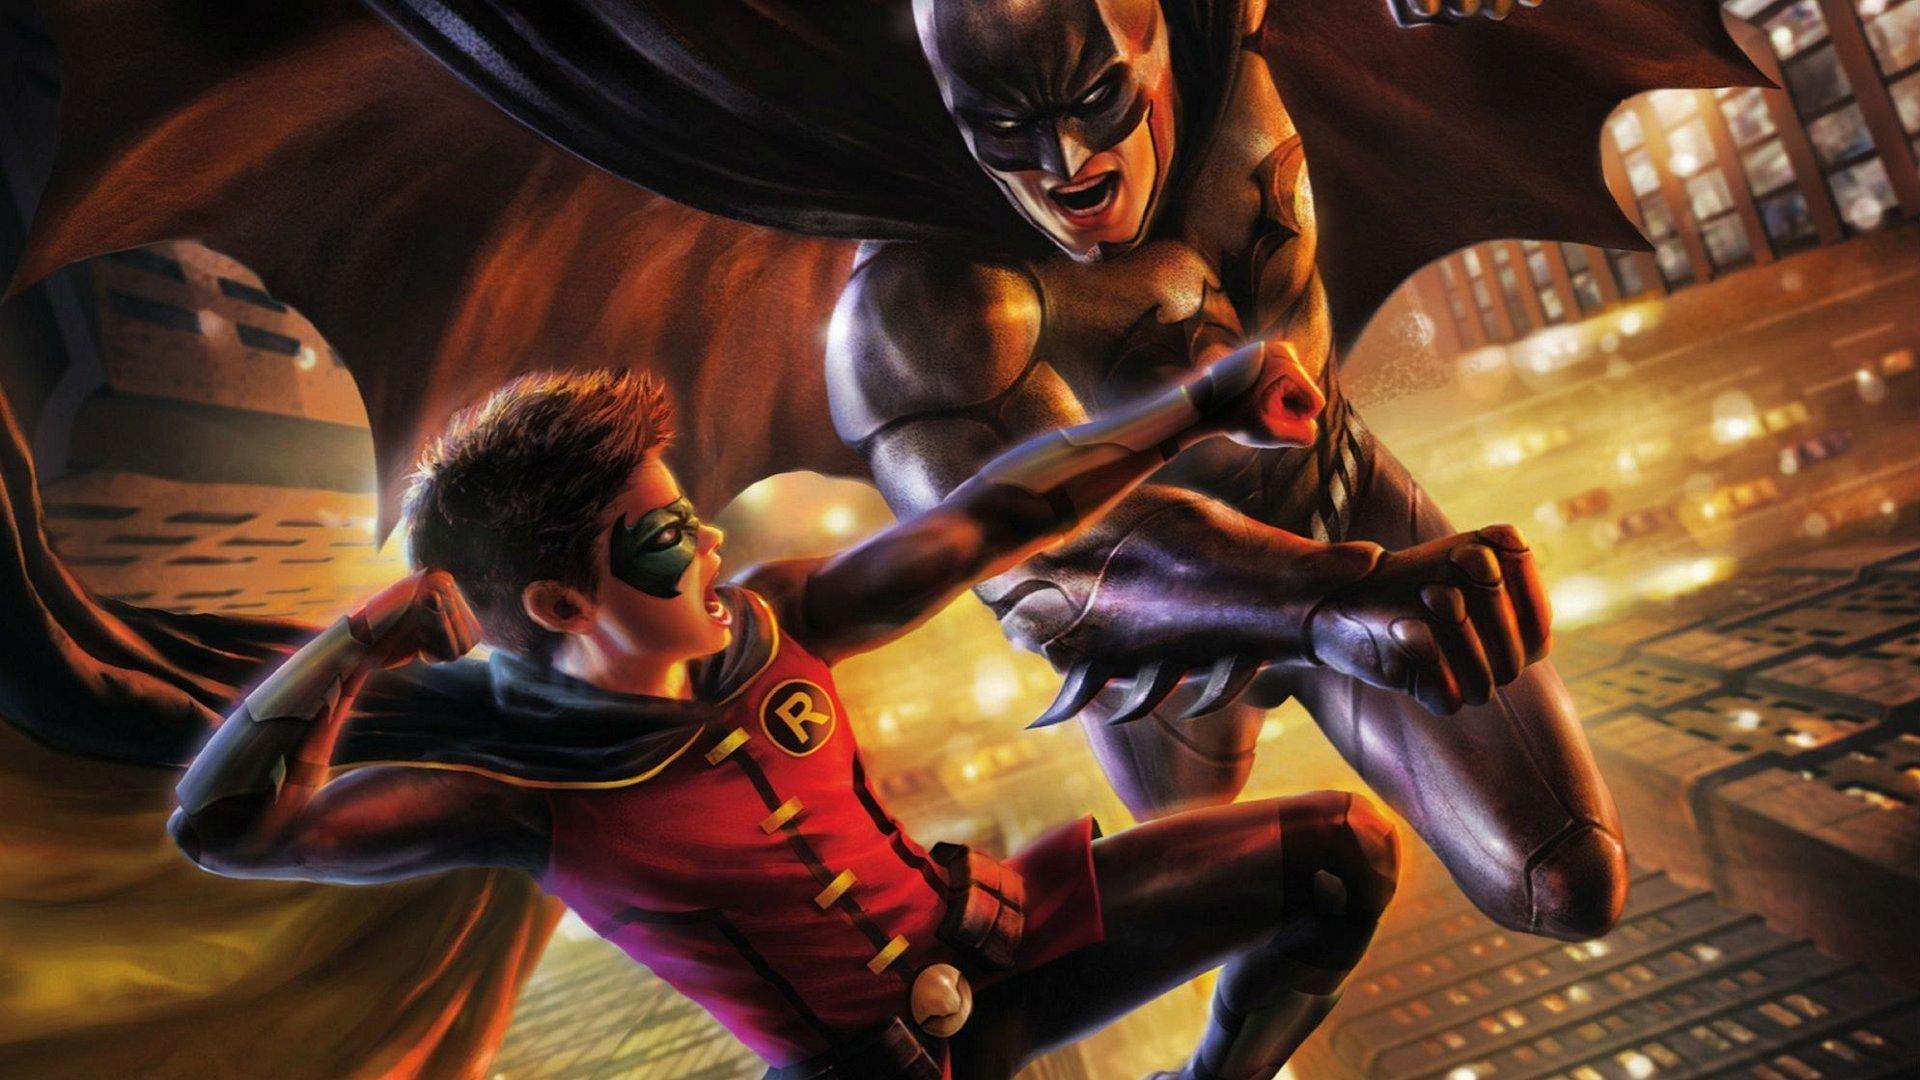 2 batman vs robin hd wallpapers backgrounds wallpaper - Image de batman et robin ...